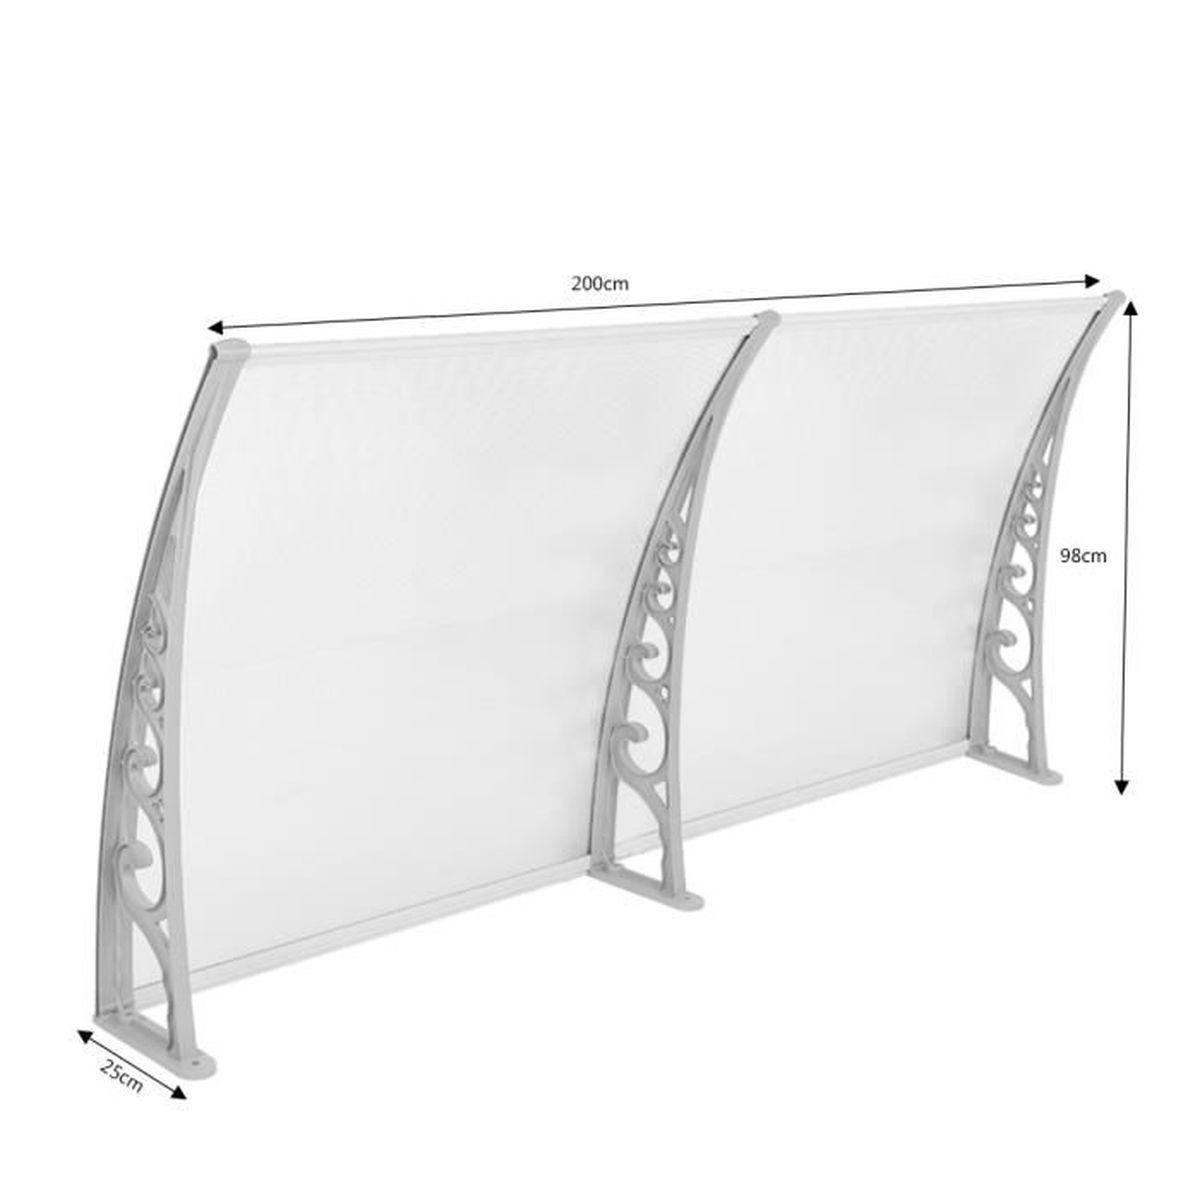 100x200cm diy auvent de porte store solaire abri banne entr e ombre protection achat vente. Black Bedroom Furniture Sets. Home Design Ideas